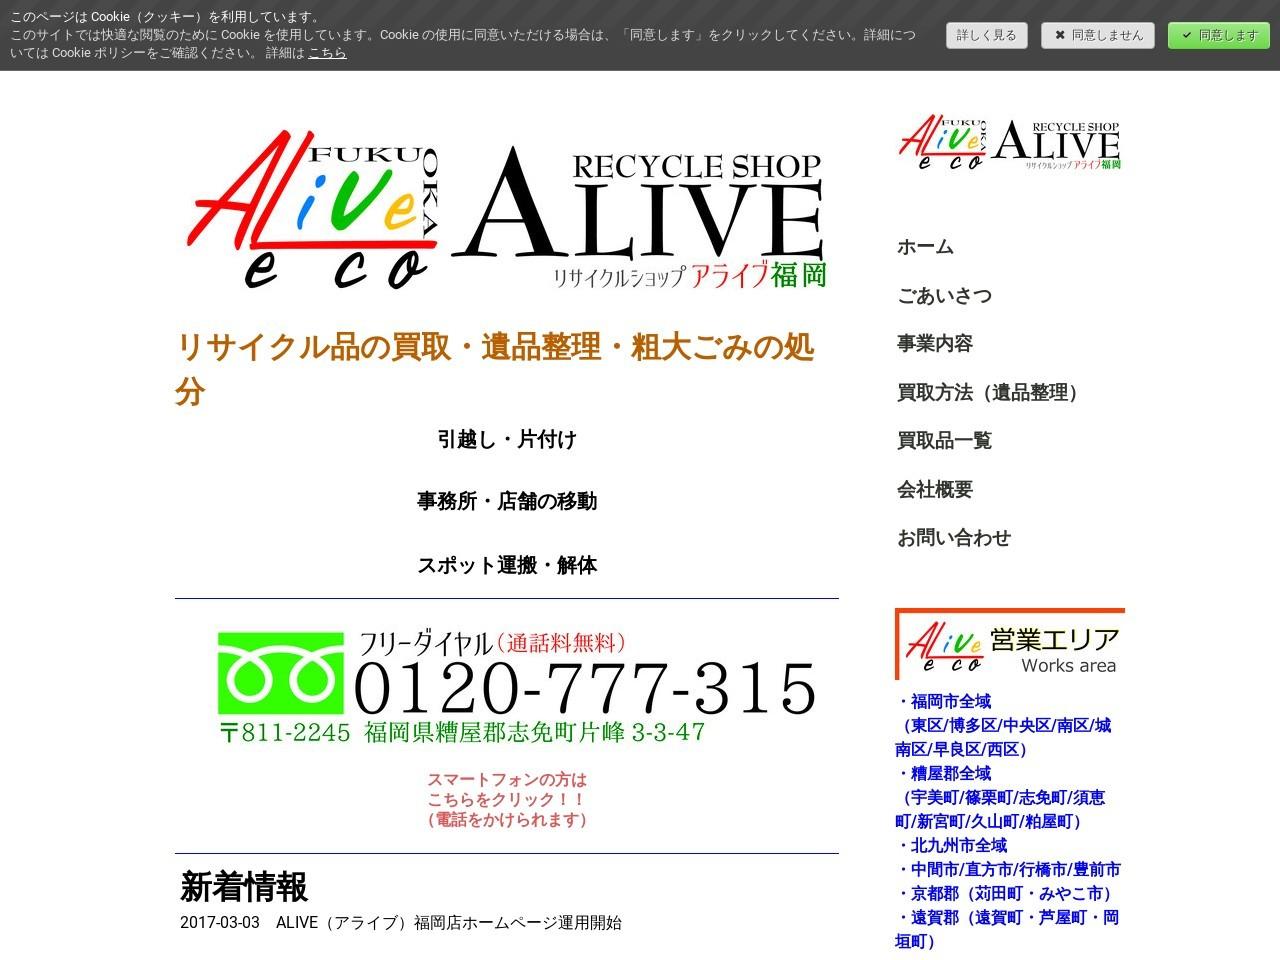 ALIVE福岡